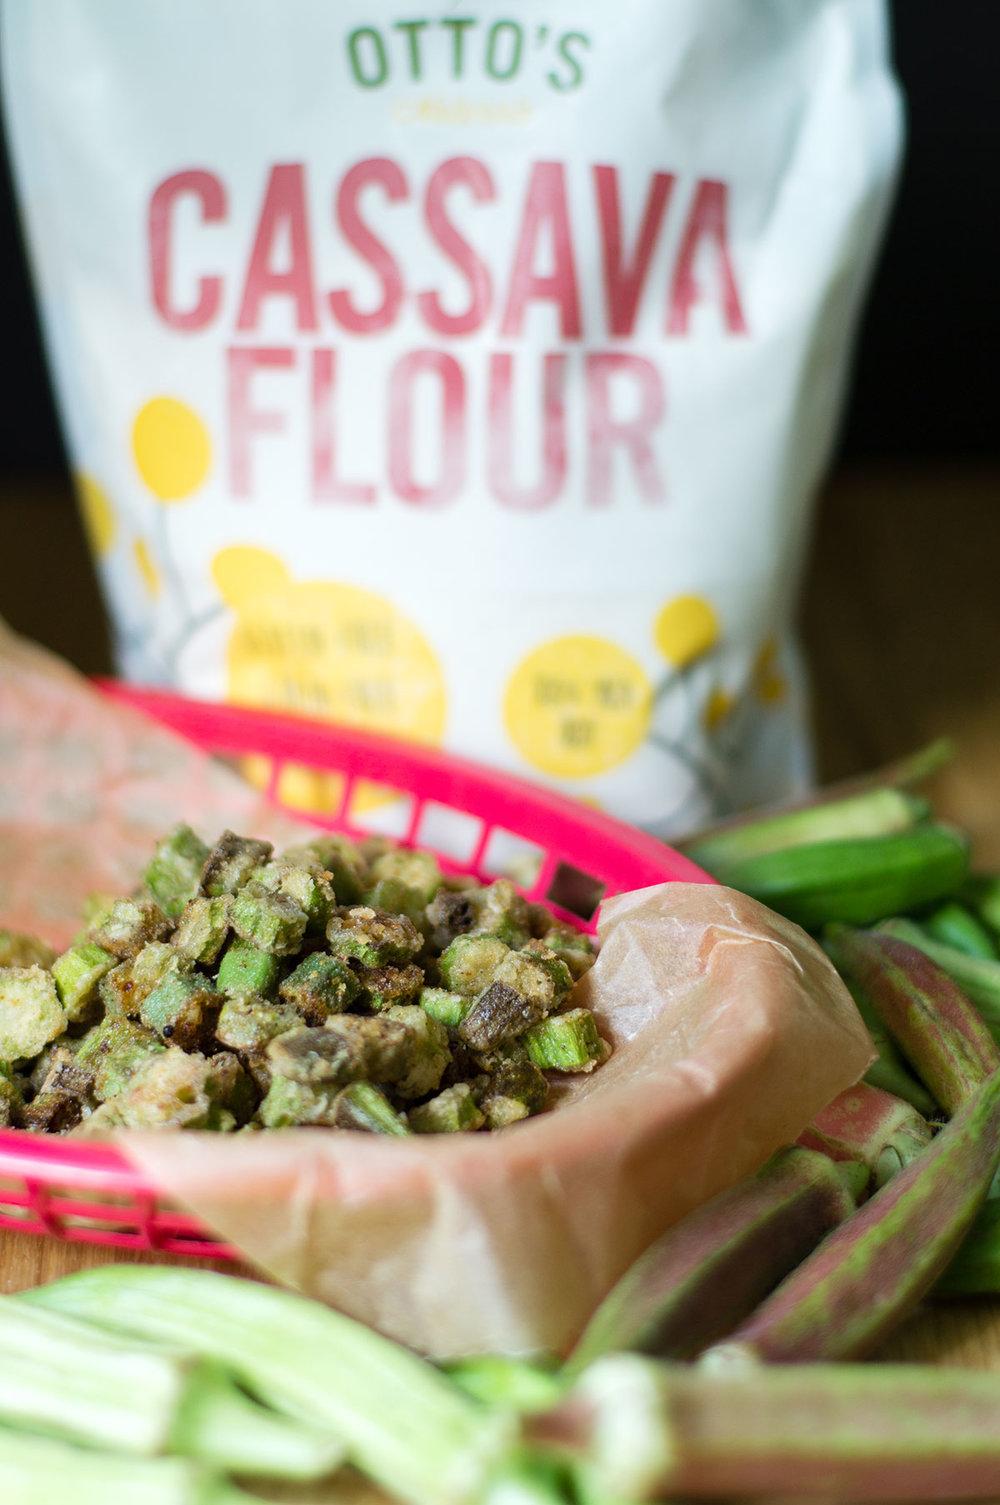 Southern Fried Okra // Paleo, AIP, Vegan, made with Otto's Cassava Flour // TheCuriousCoconut.com